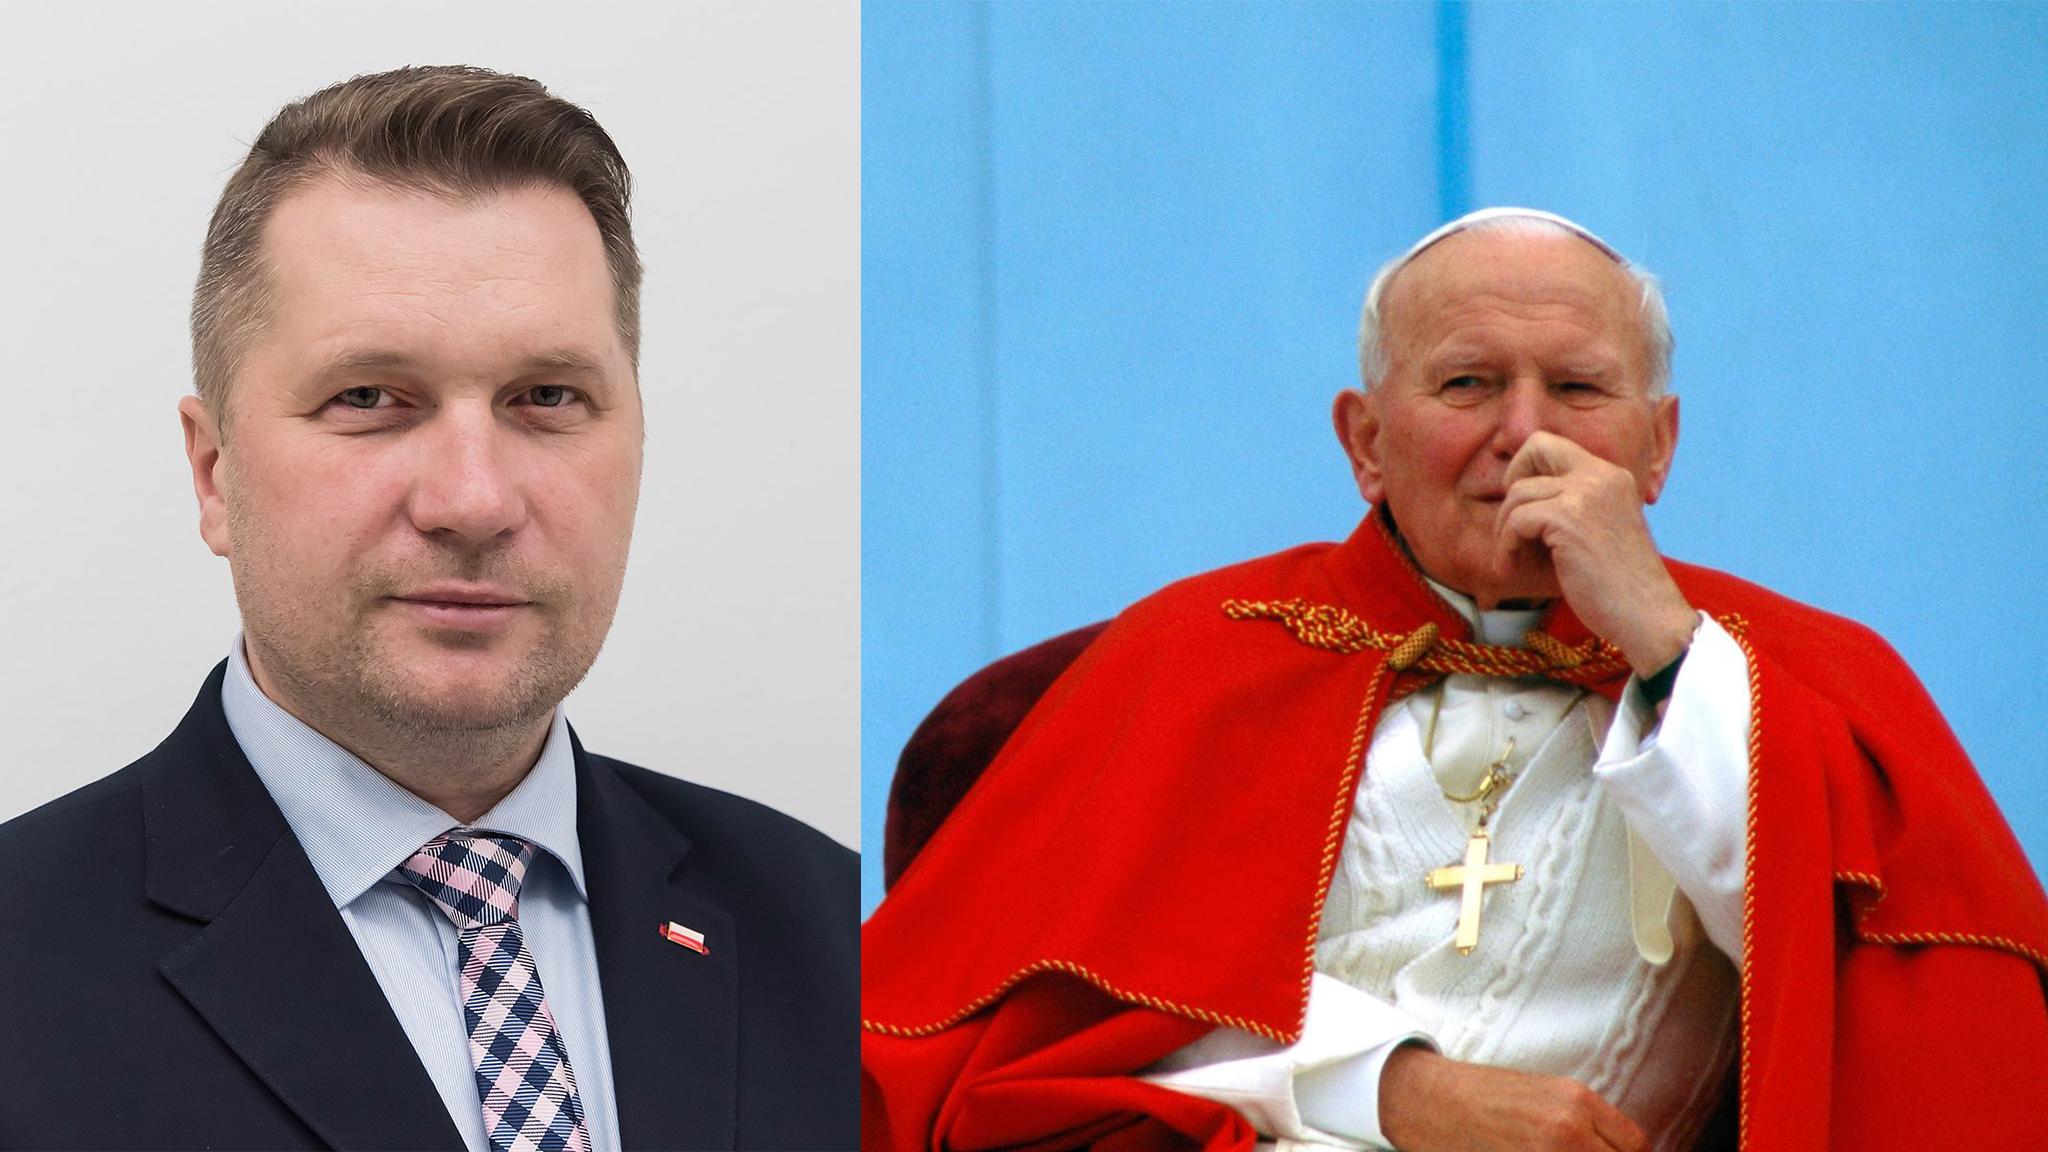 """Czarnek chce, bydzieci uczyły się o""""zboczeniu homoseksualnym"""" odJana Pawła II"""